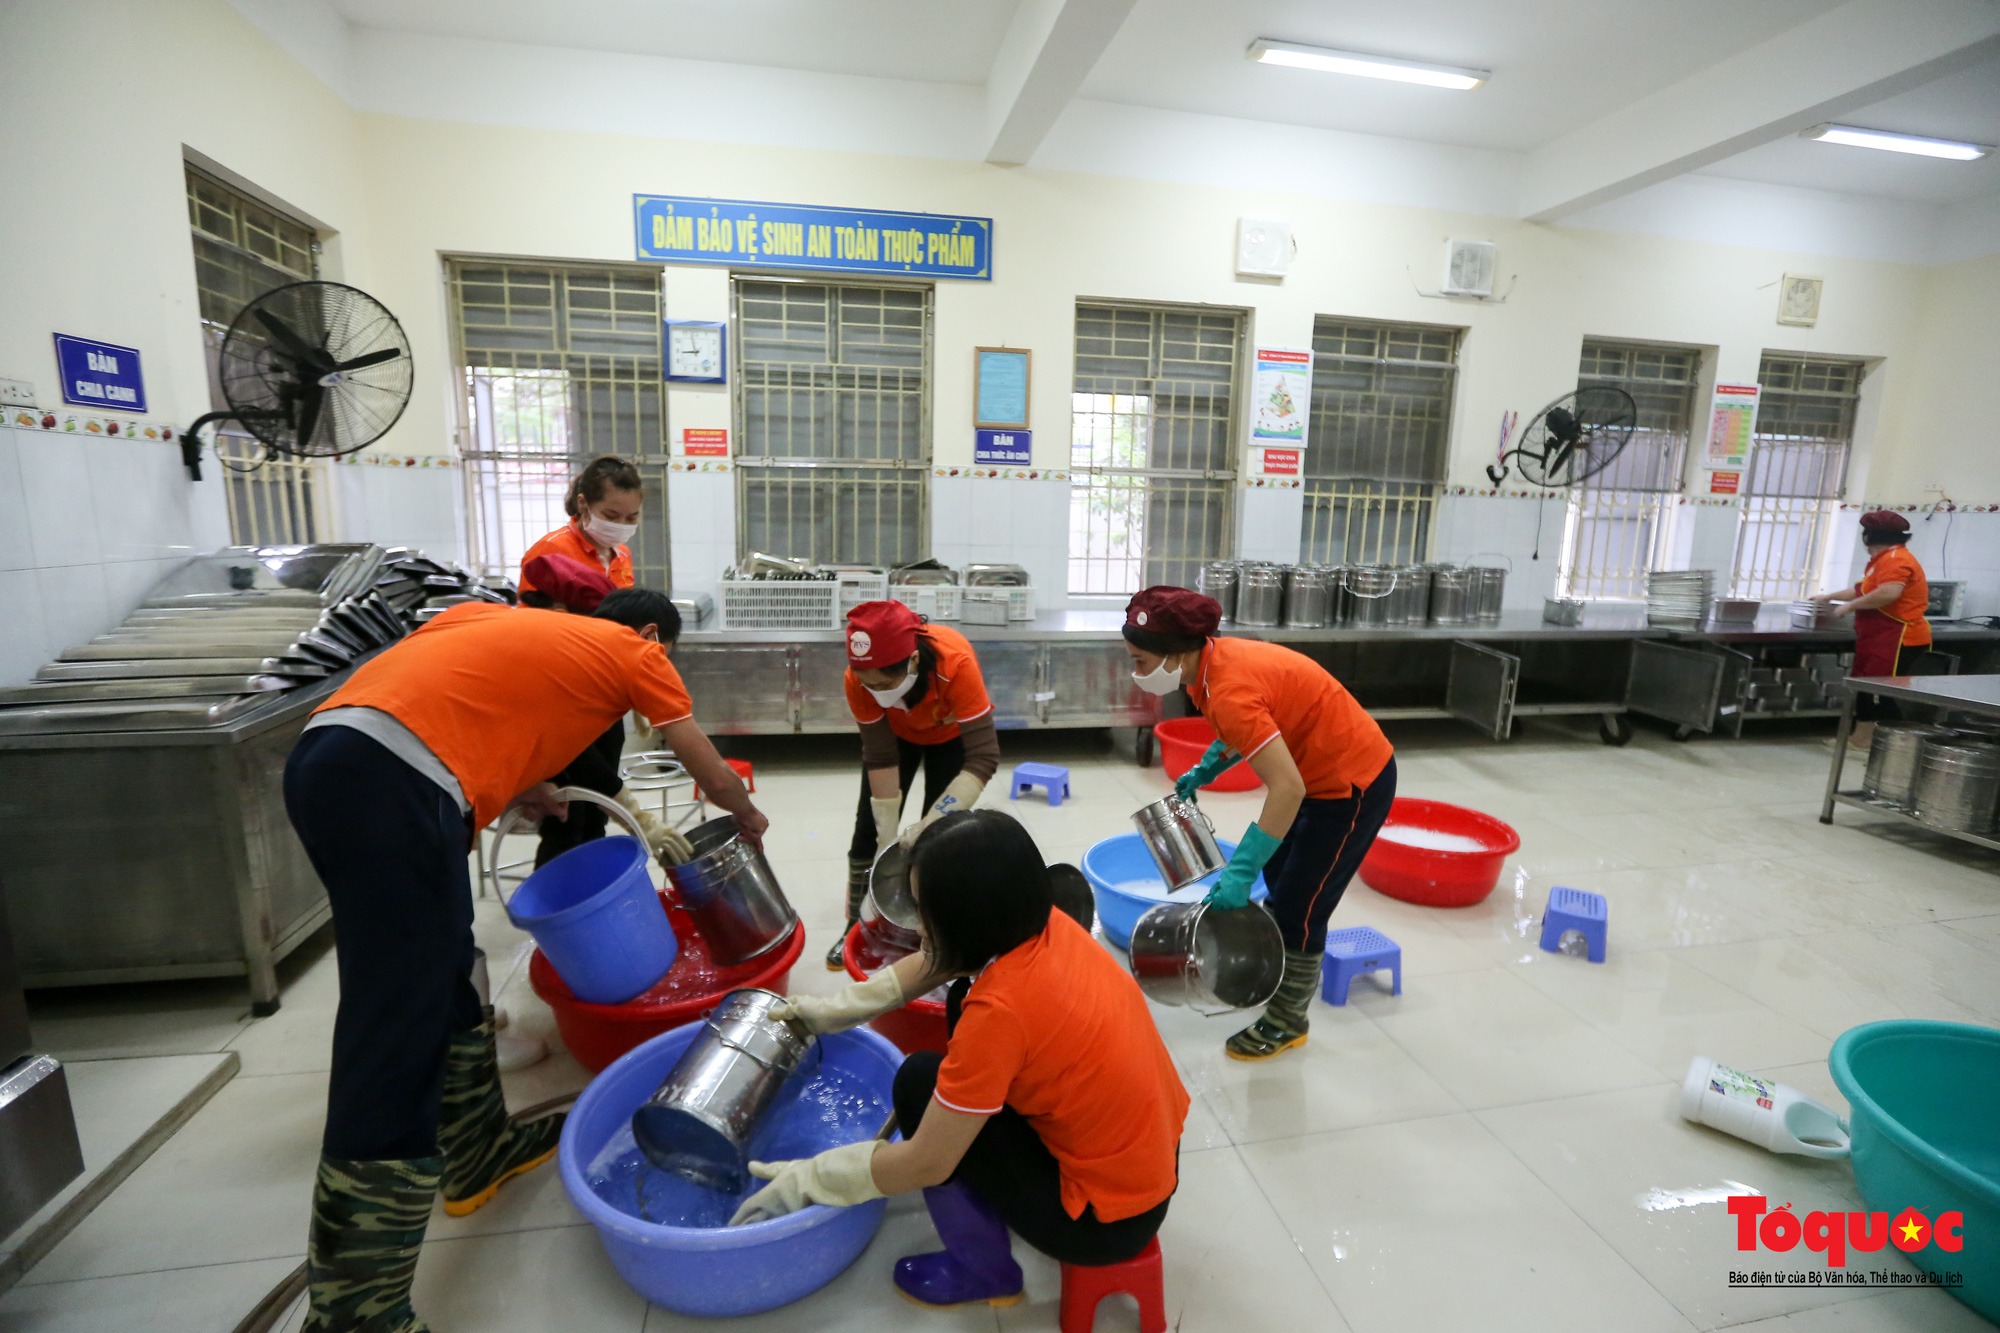 Hà Nội: Các trường học tổng vệ sinh, xây dựng phương án đón học sinh trở lại trường - Ảnh 3.